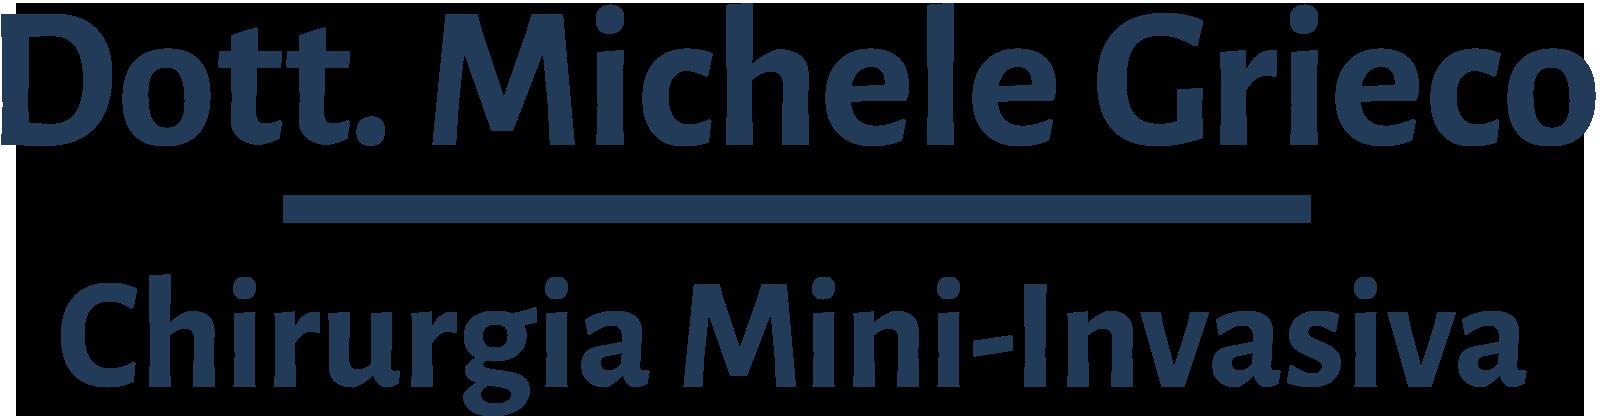 Dott. Michele Grieco